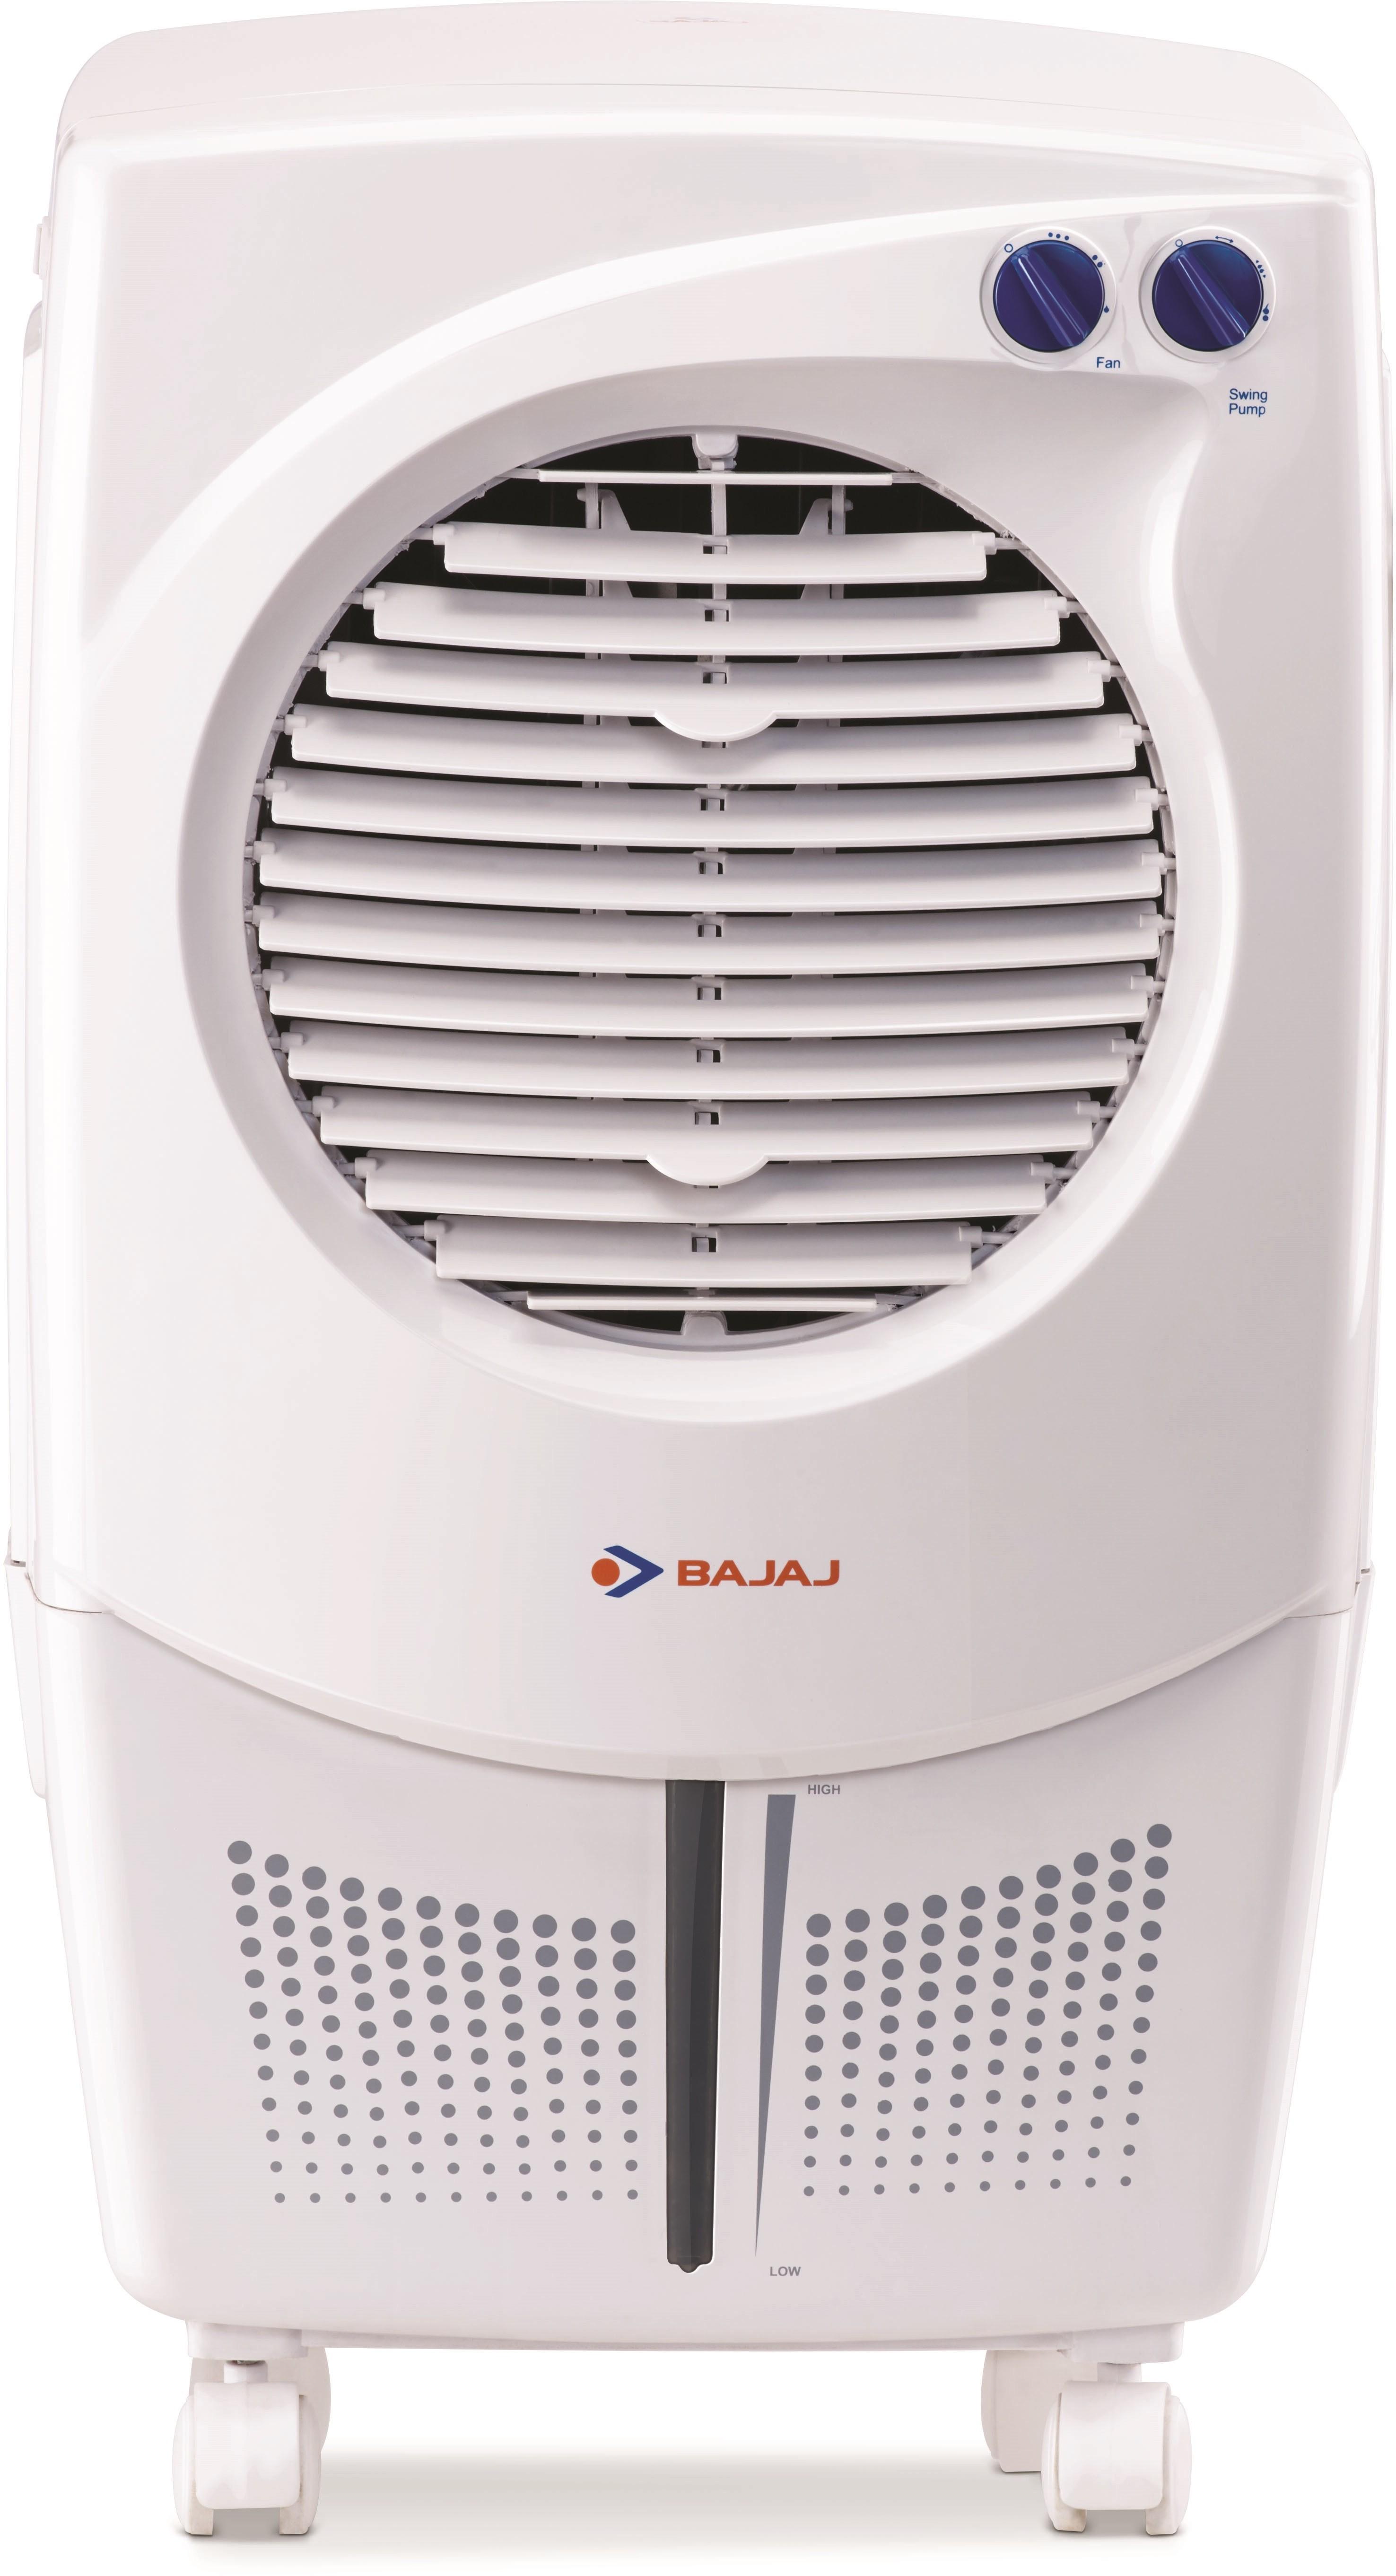 Bajaj PCF 25 DLX Personal Air Cooler Image